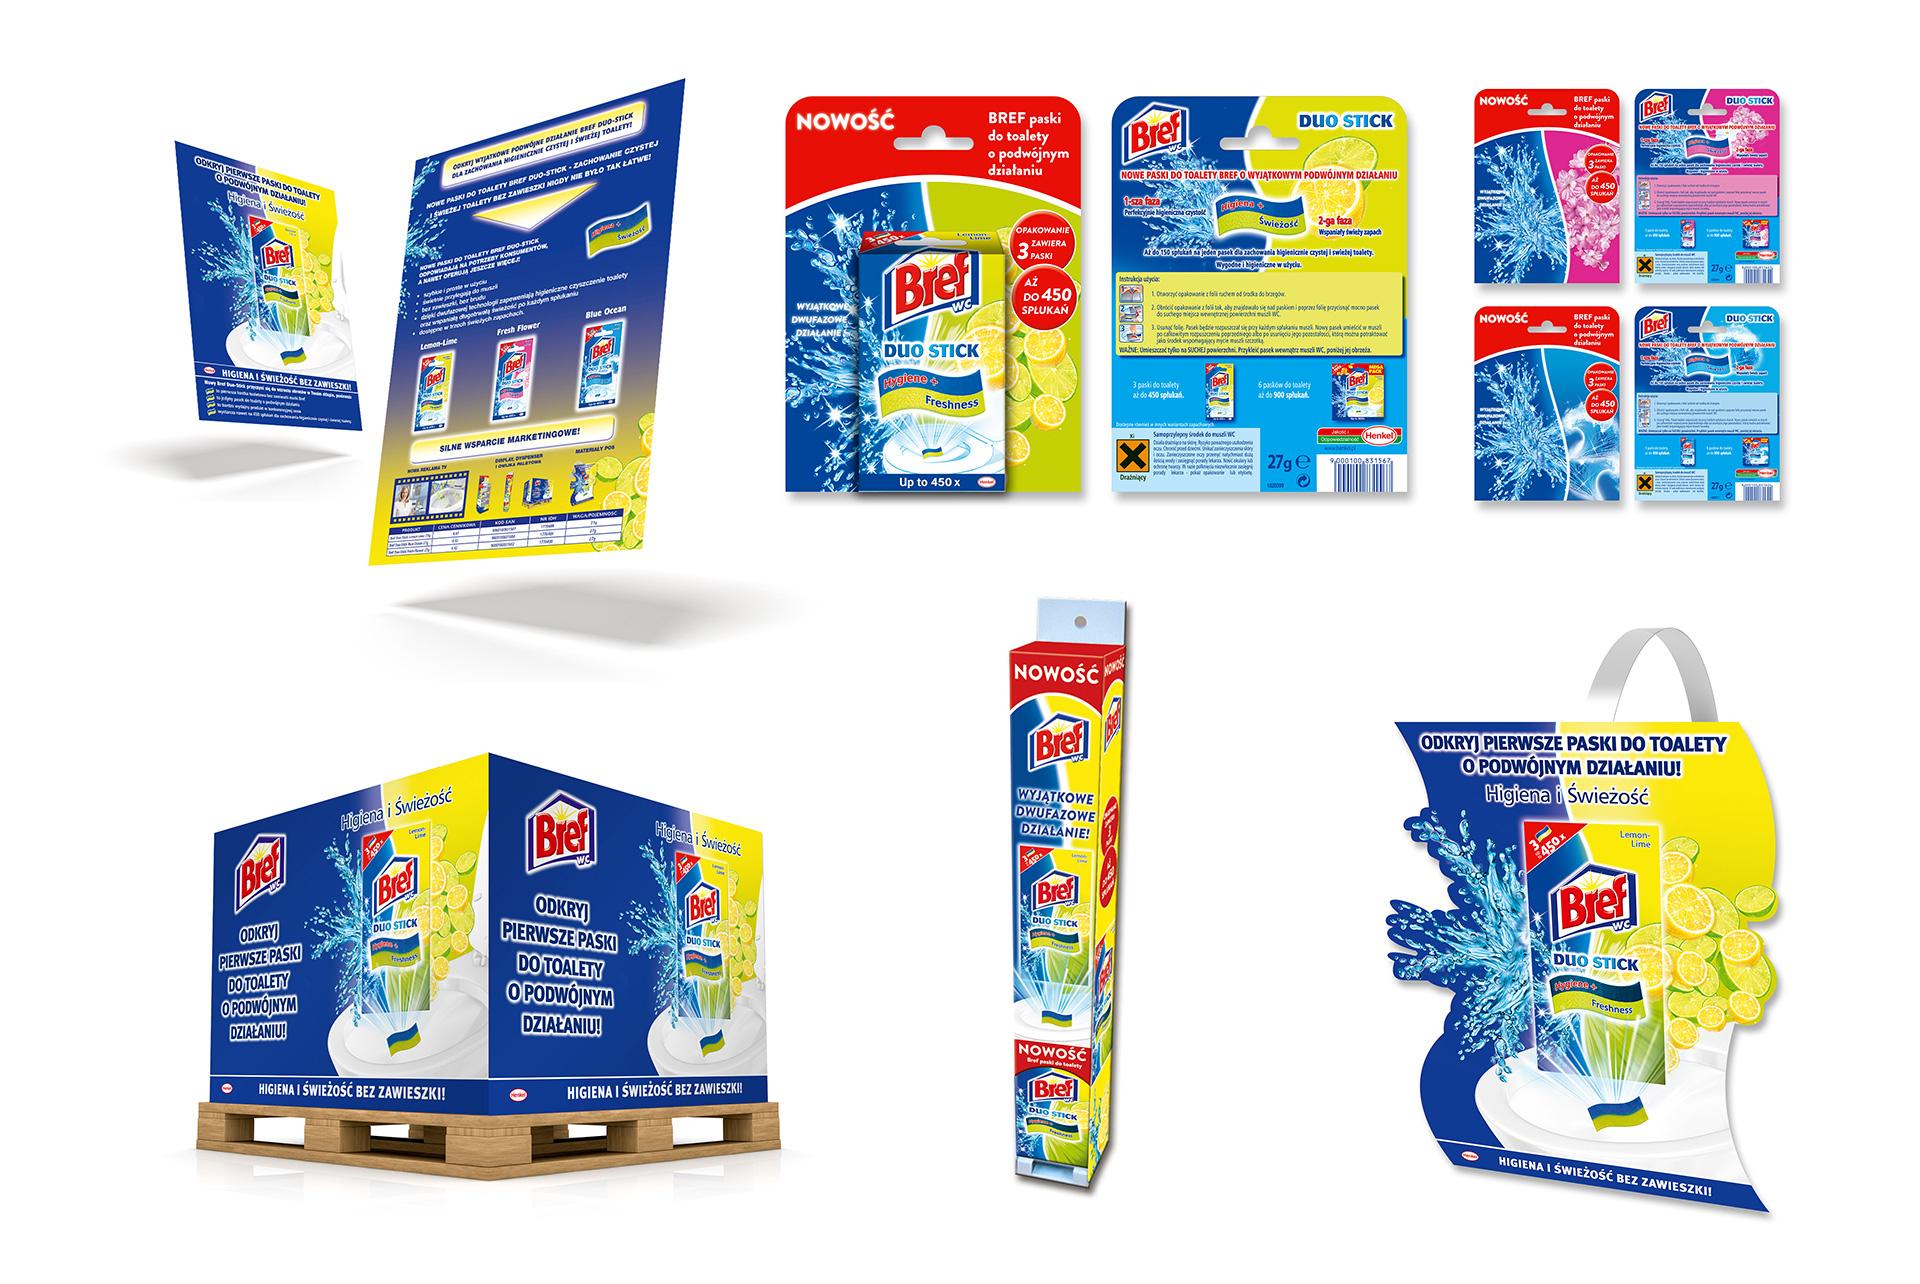 Posm design sofy posm design - Bref Support Btl Wobbler Sales Folder Pallet Wrapper Blistercard